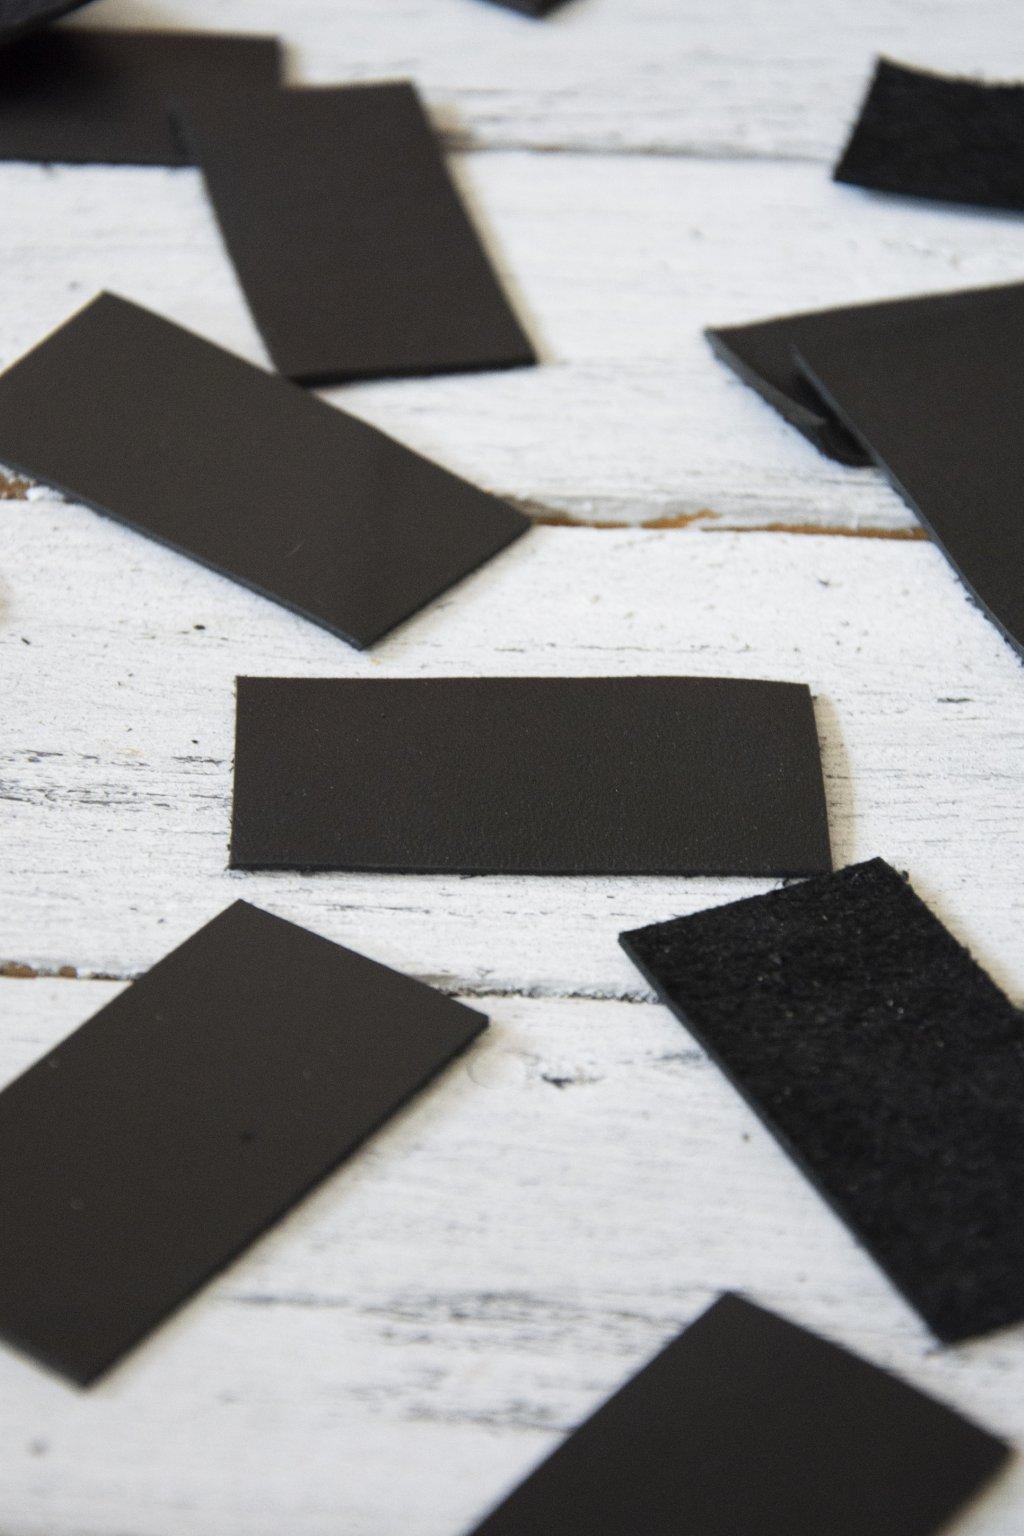 Černé kožené obdélníčky pro vaši další tvorbu.  Na ozdobu pletených košů nebo jako kožené cedulky na které si můžete namalovat obrázek.